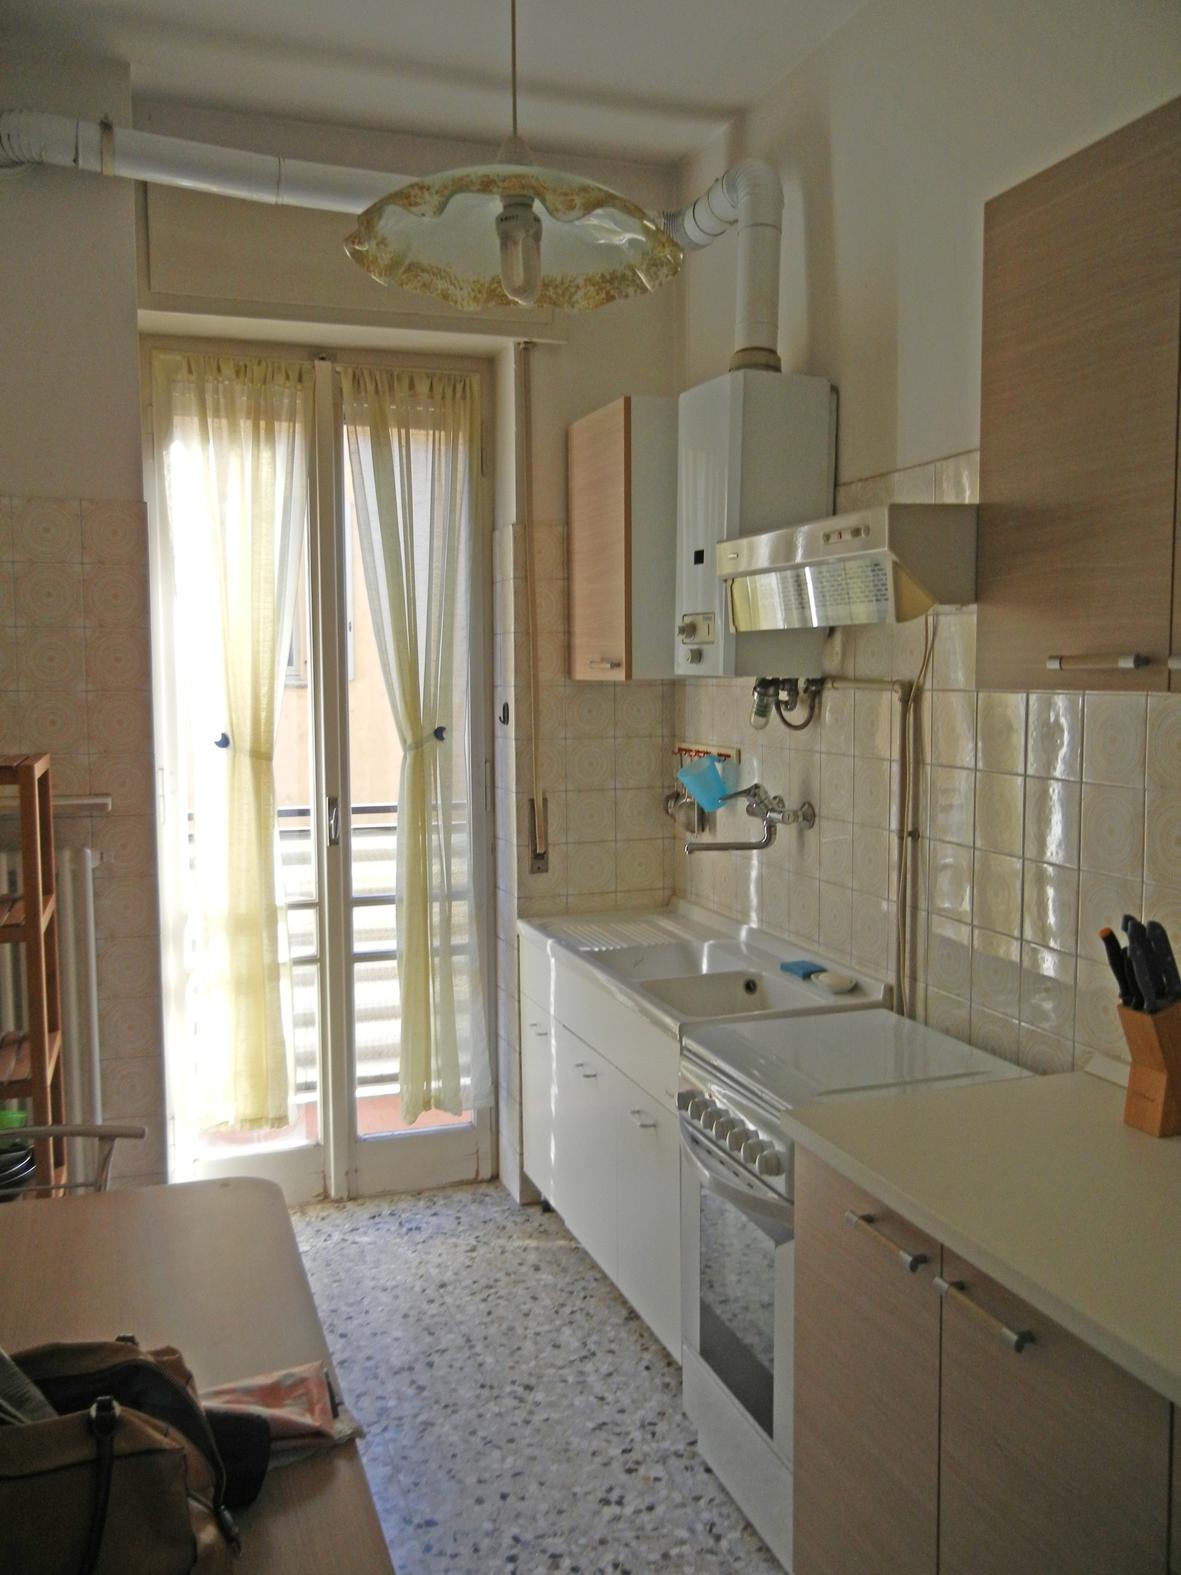 Affitto appartamento piacenza primo piano rif ri rif 6097 for Affitto piacenza arredato